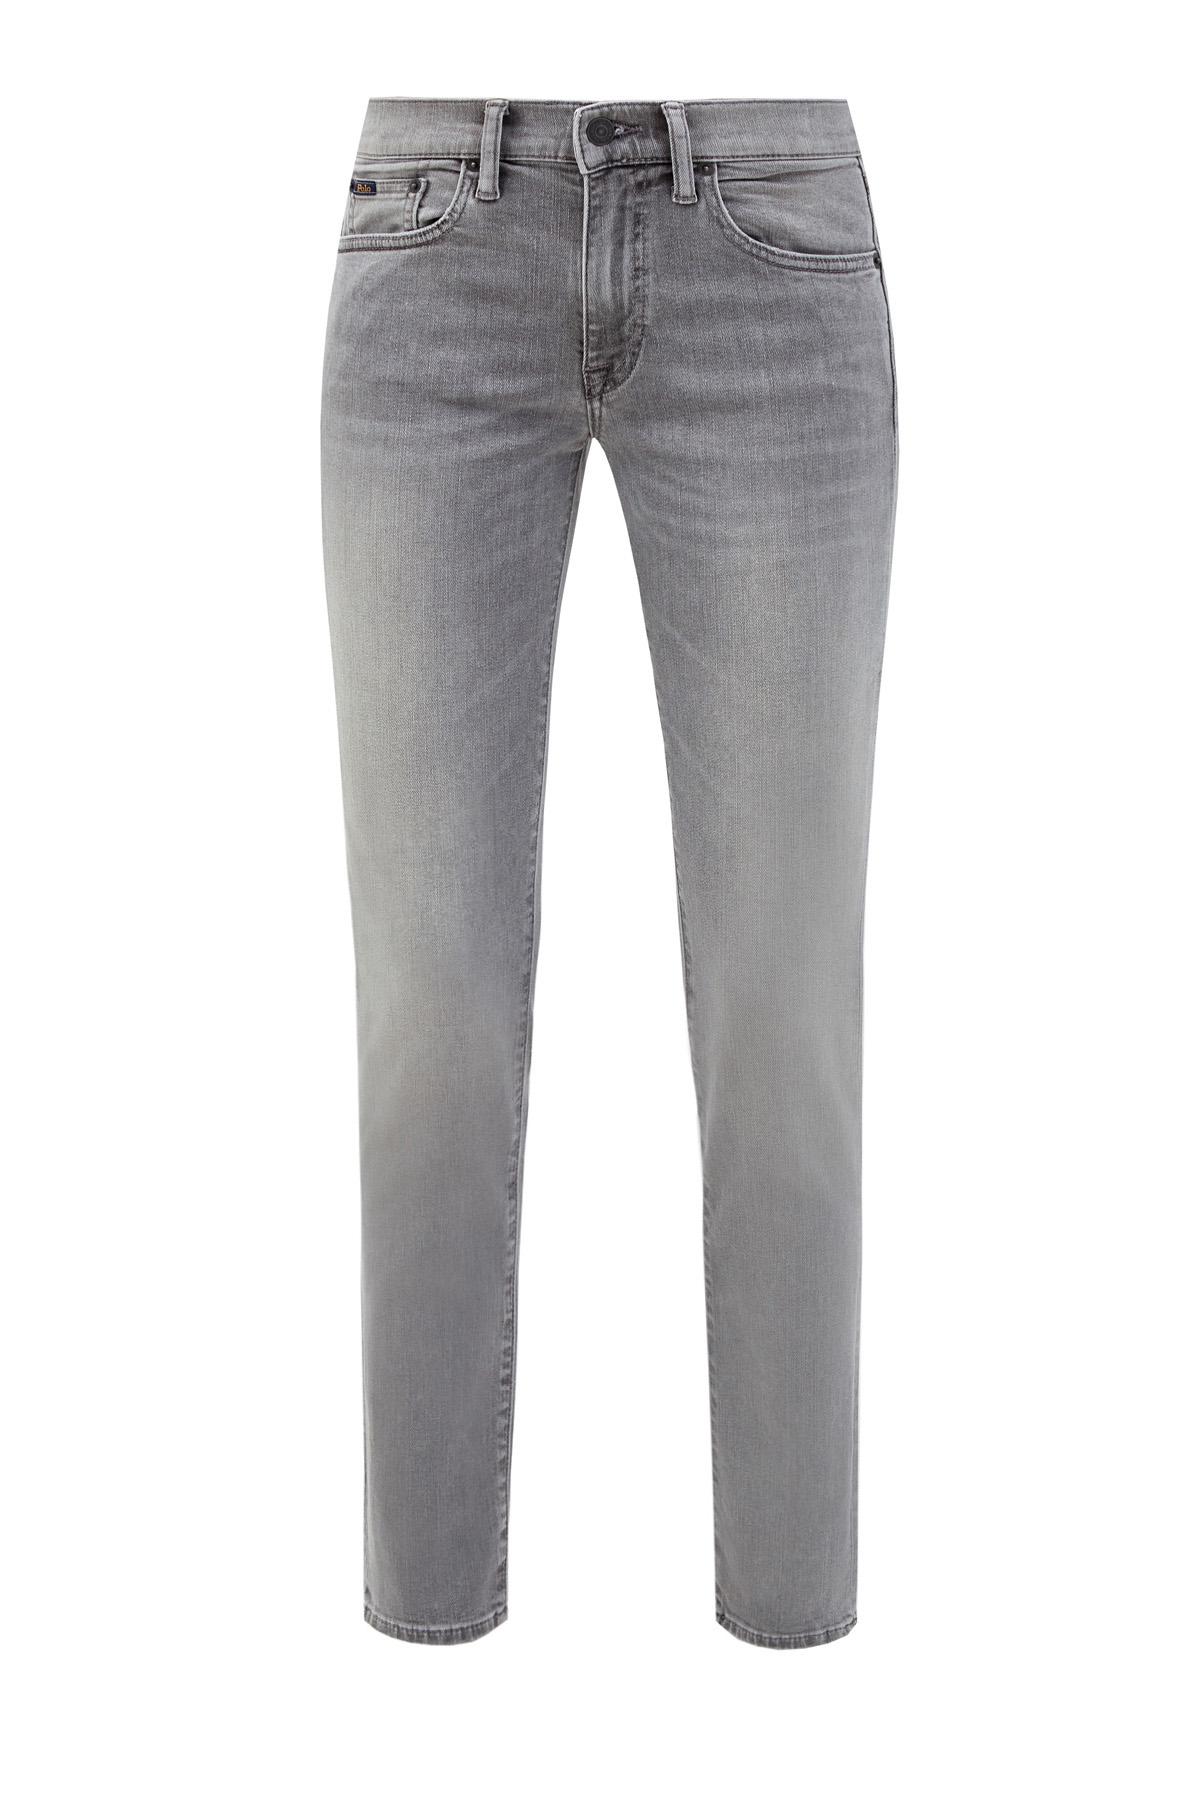 Выбеленные джинсы-skinny на низкой посадке